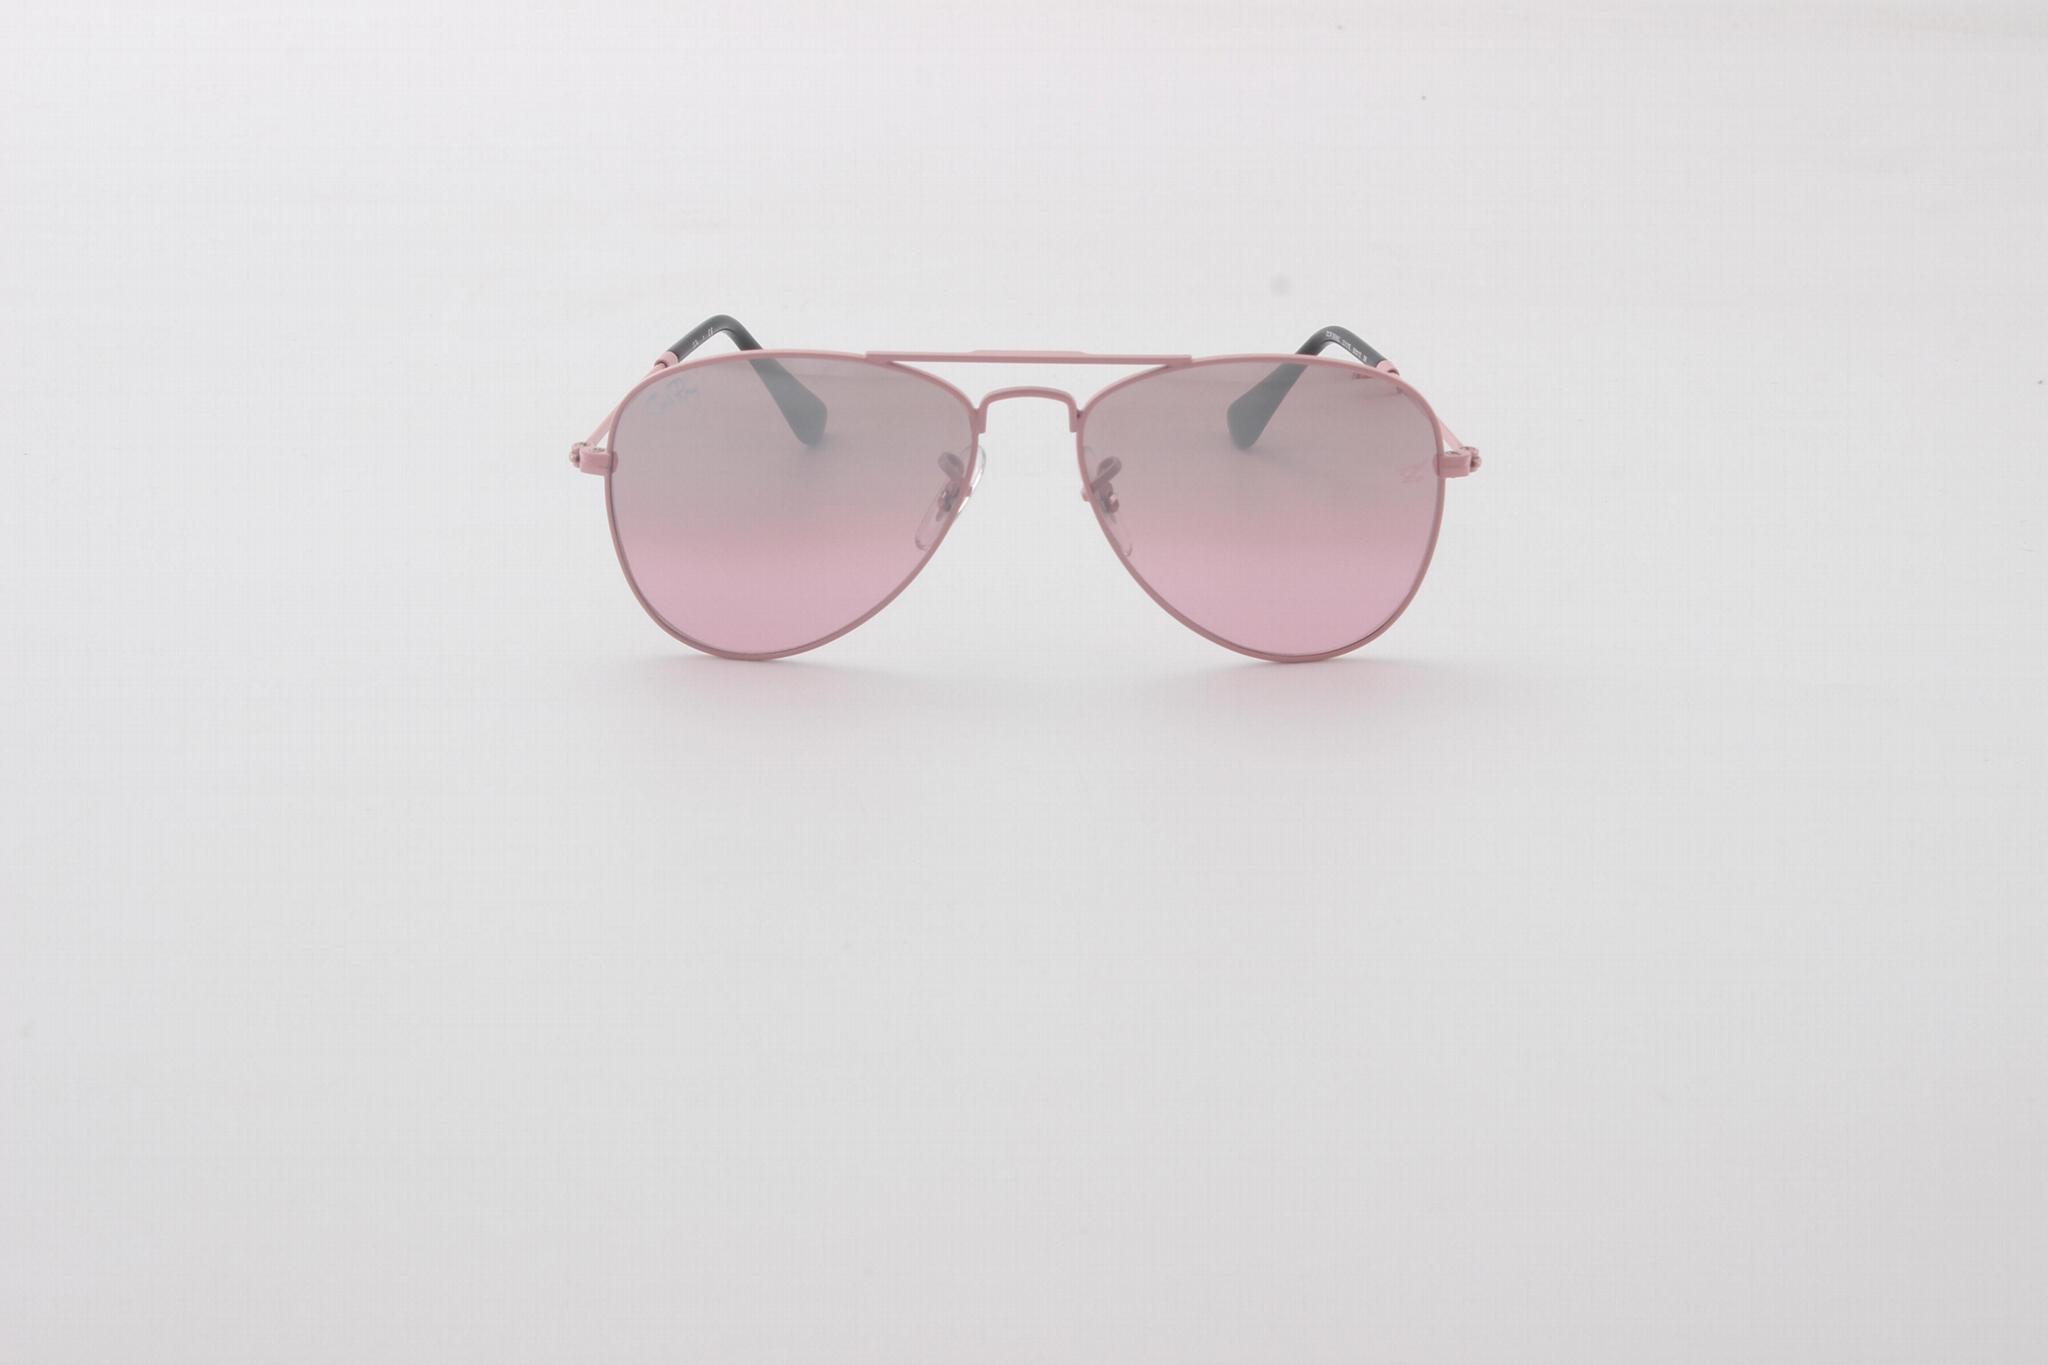 Cai Ray original kids sunglasses OCR9506 211/7E pink/cherry flash lens 50mm